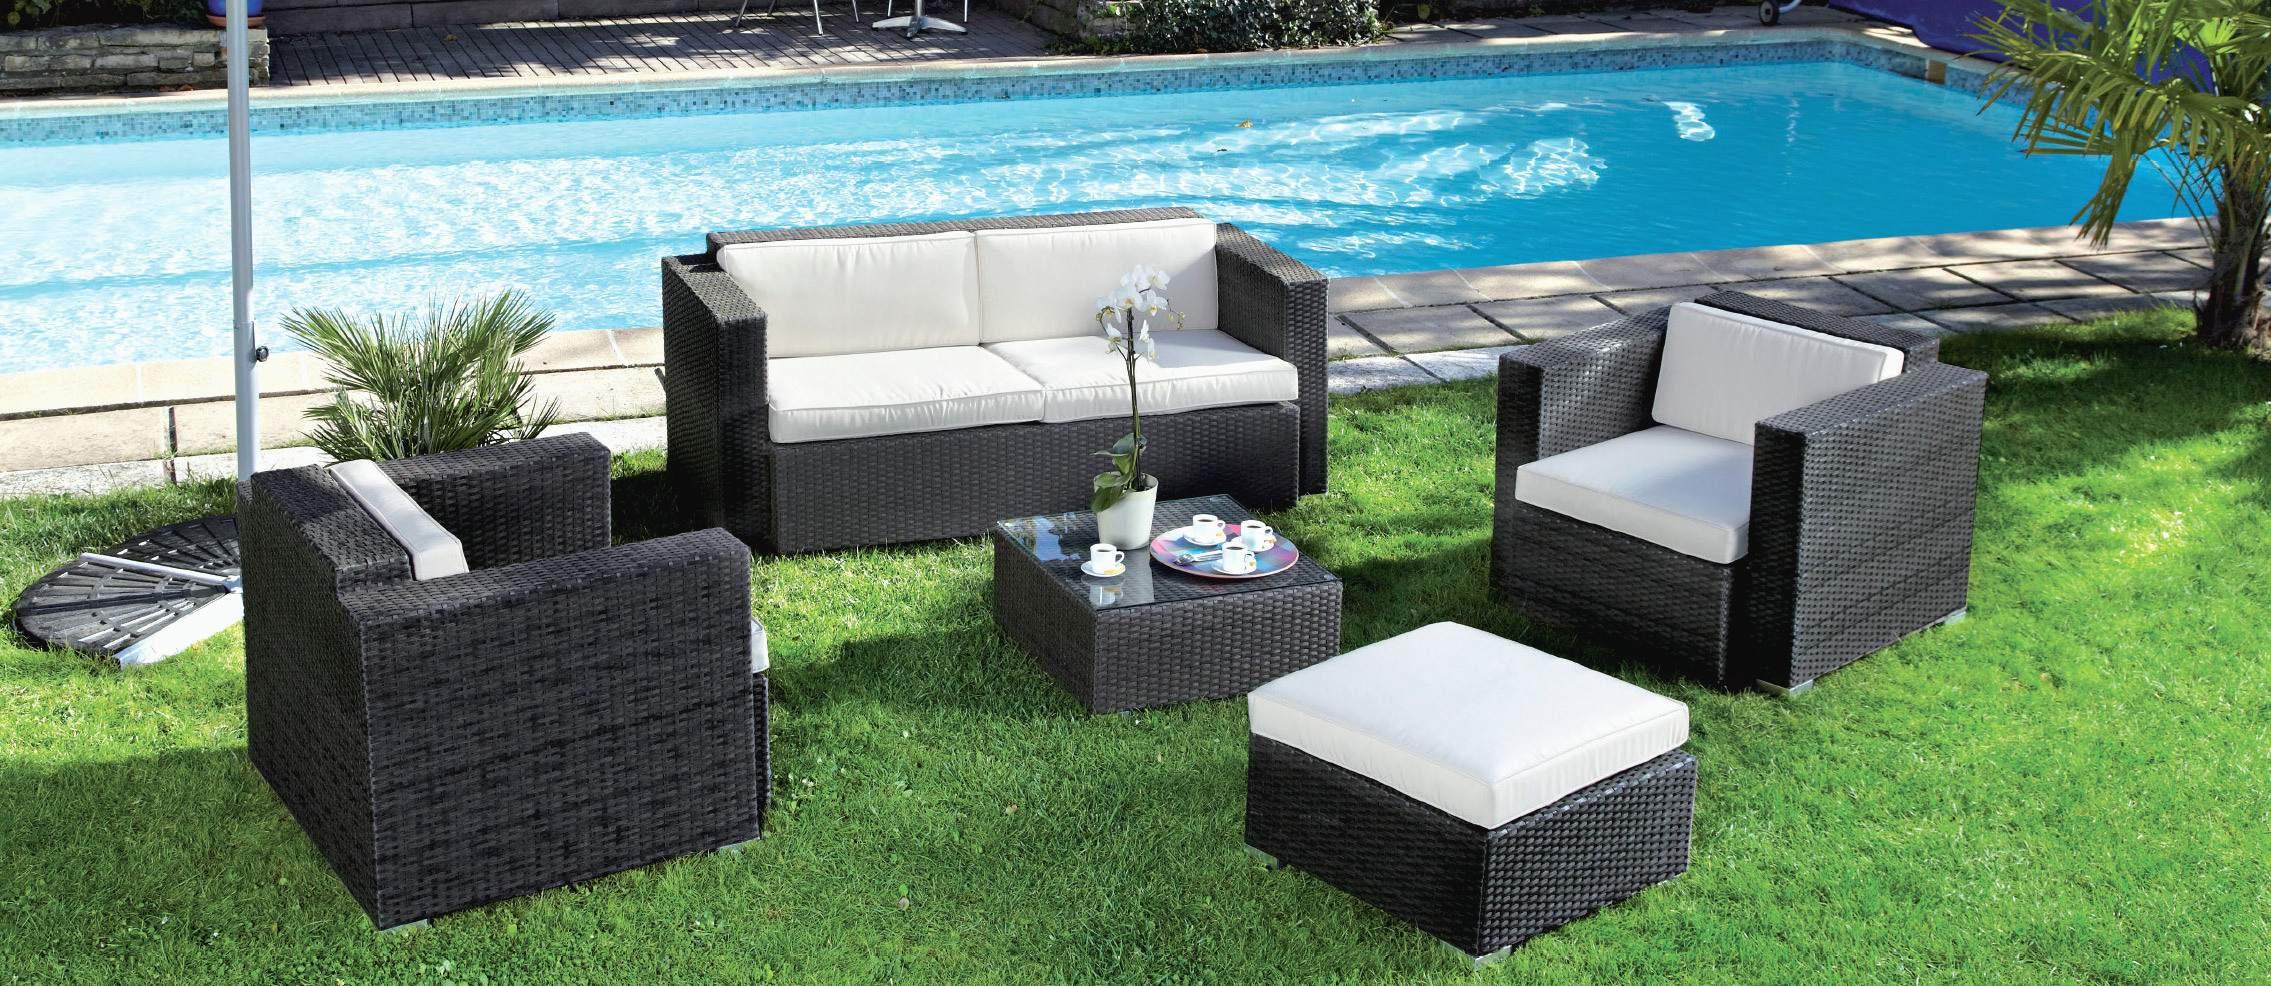 Abat Jour Pas Cher Gifi Impressionnant Photographie Table De Jardin Pas Cher Gifi Luxe 30 Beau Salon De Jardin En Resine